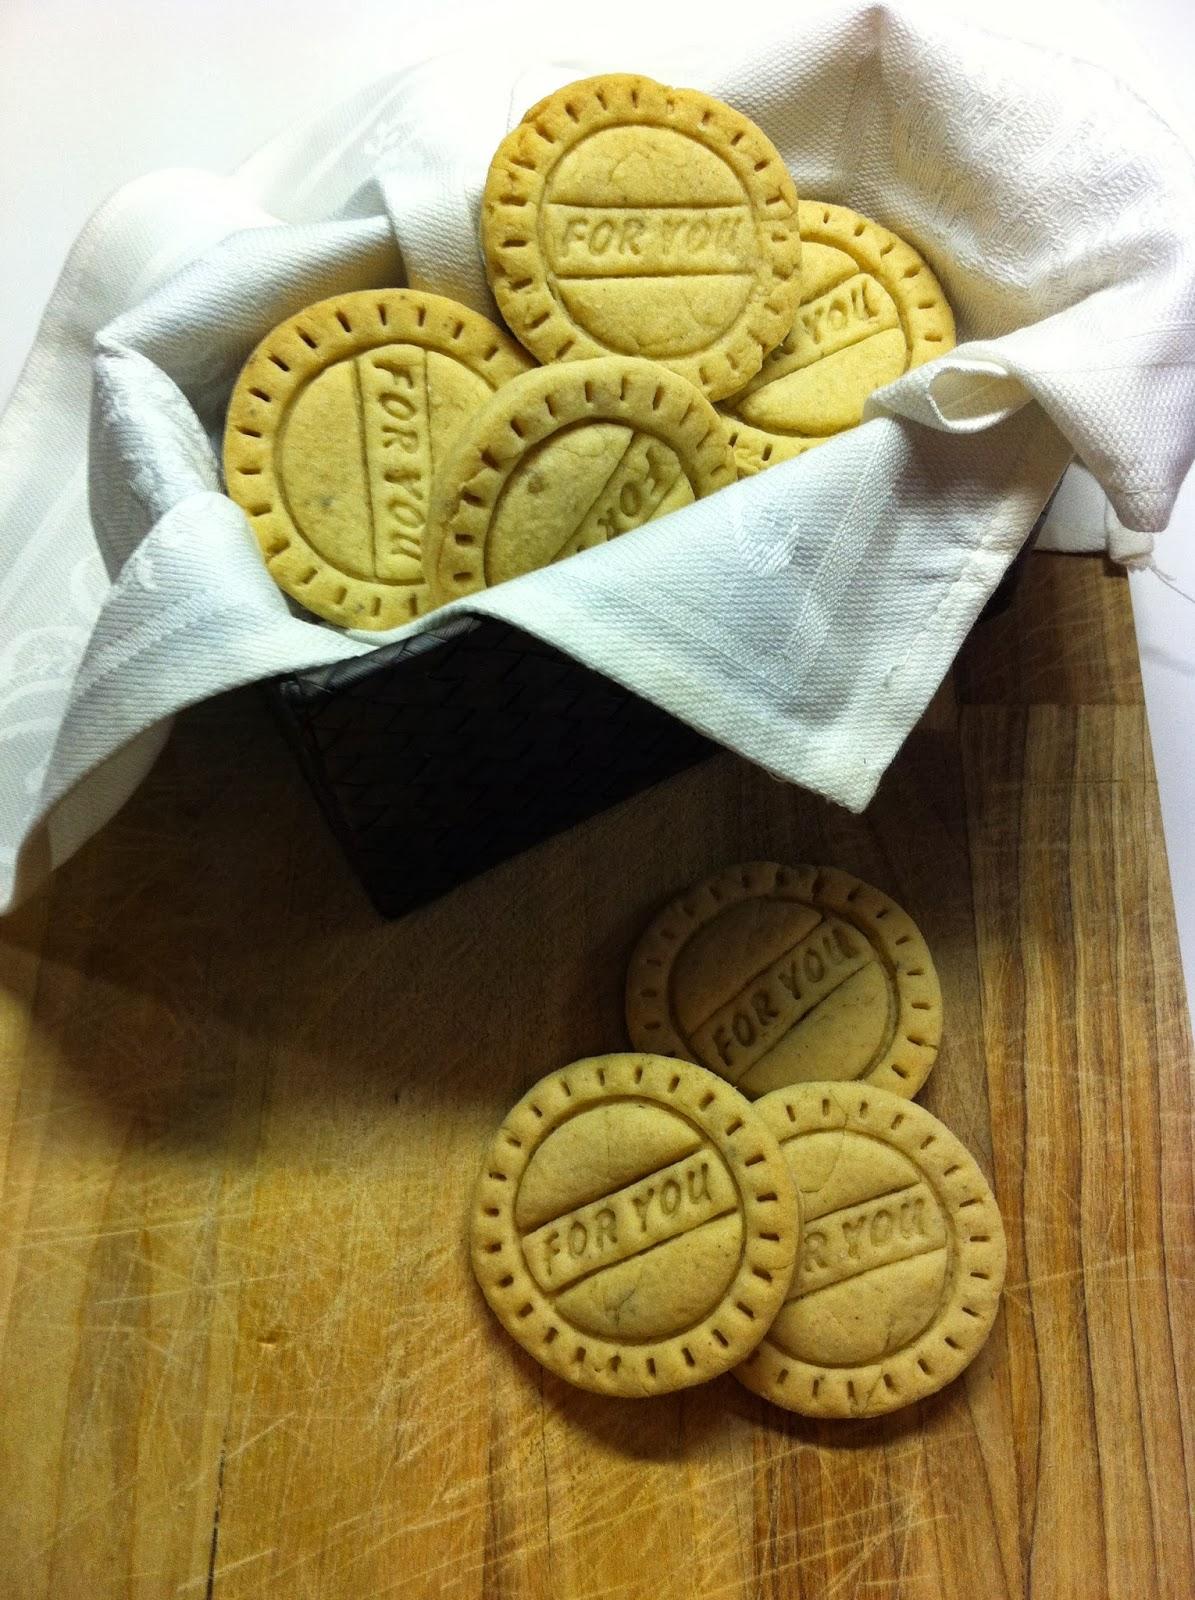 biscotti allo zenzero, cannella e cardamomo